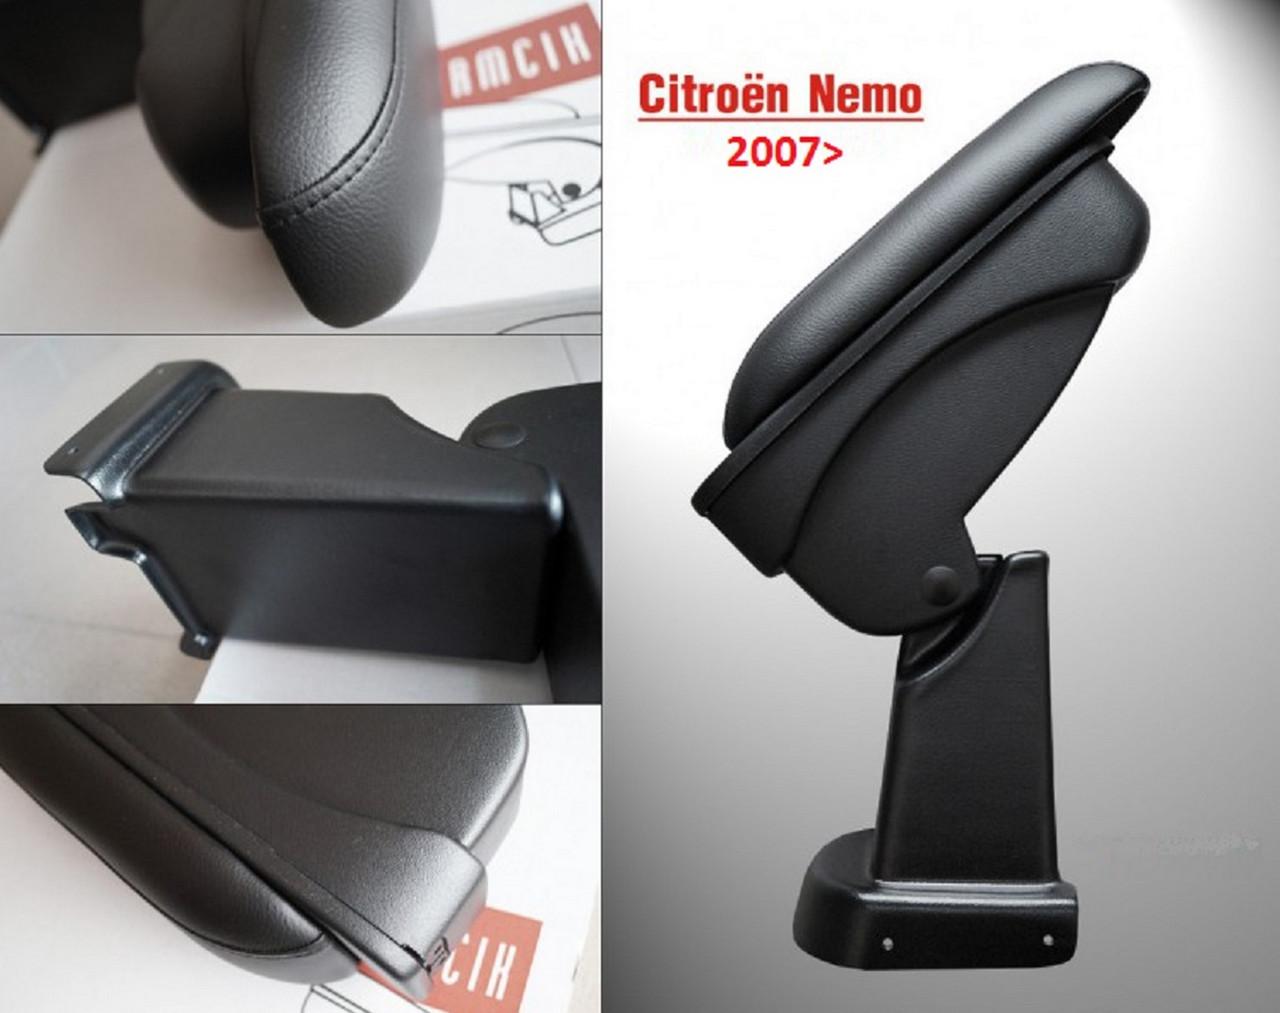 Подлокотник Armcik S1 со сдвижной крышкой для Citroen Nemo 2007>, фото 4